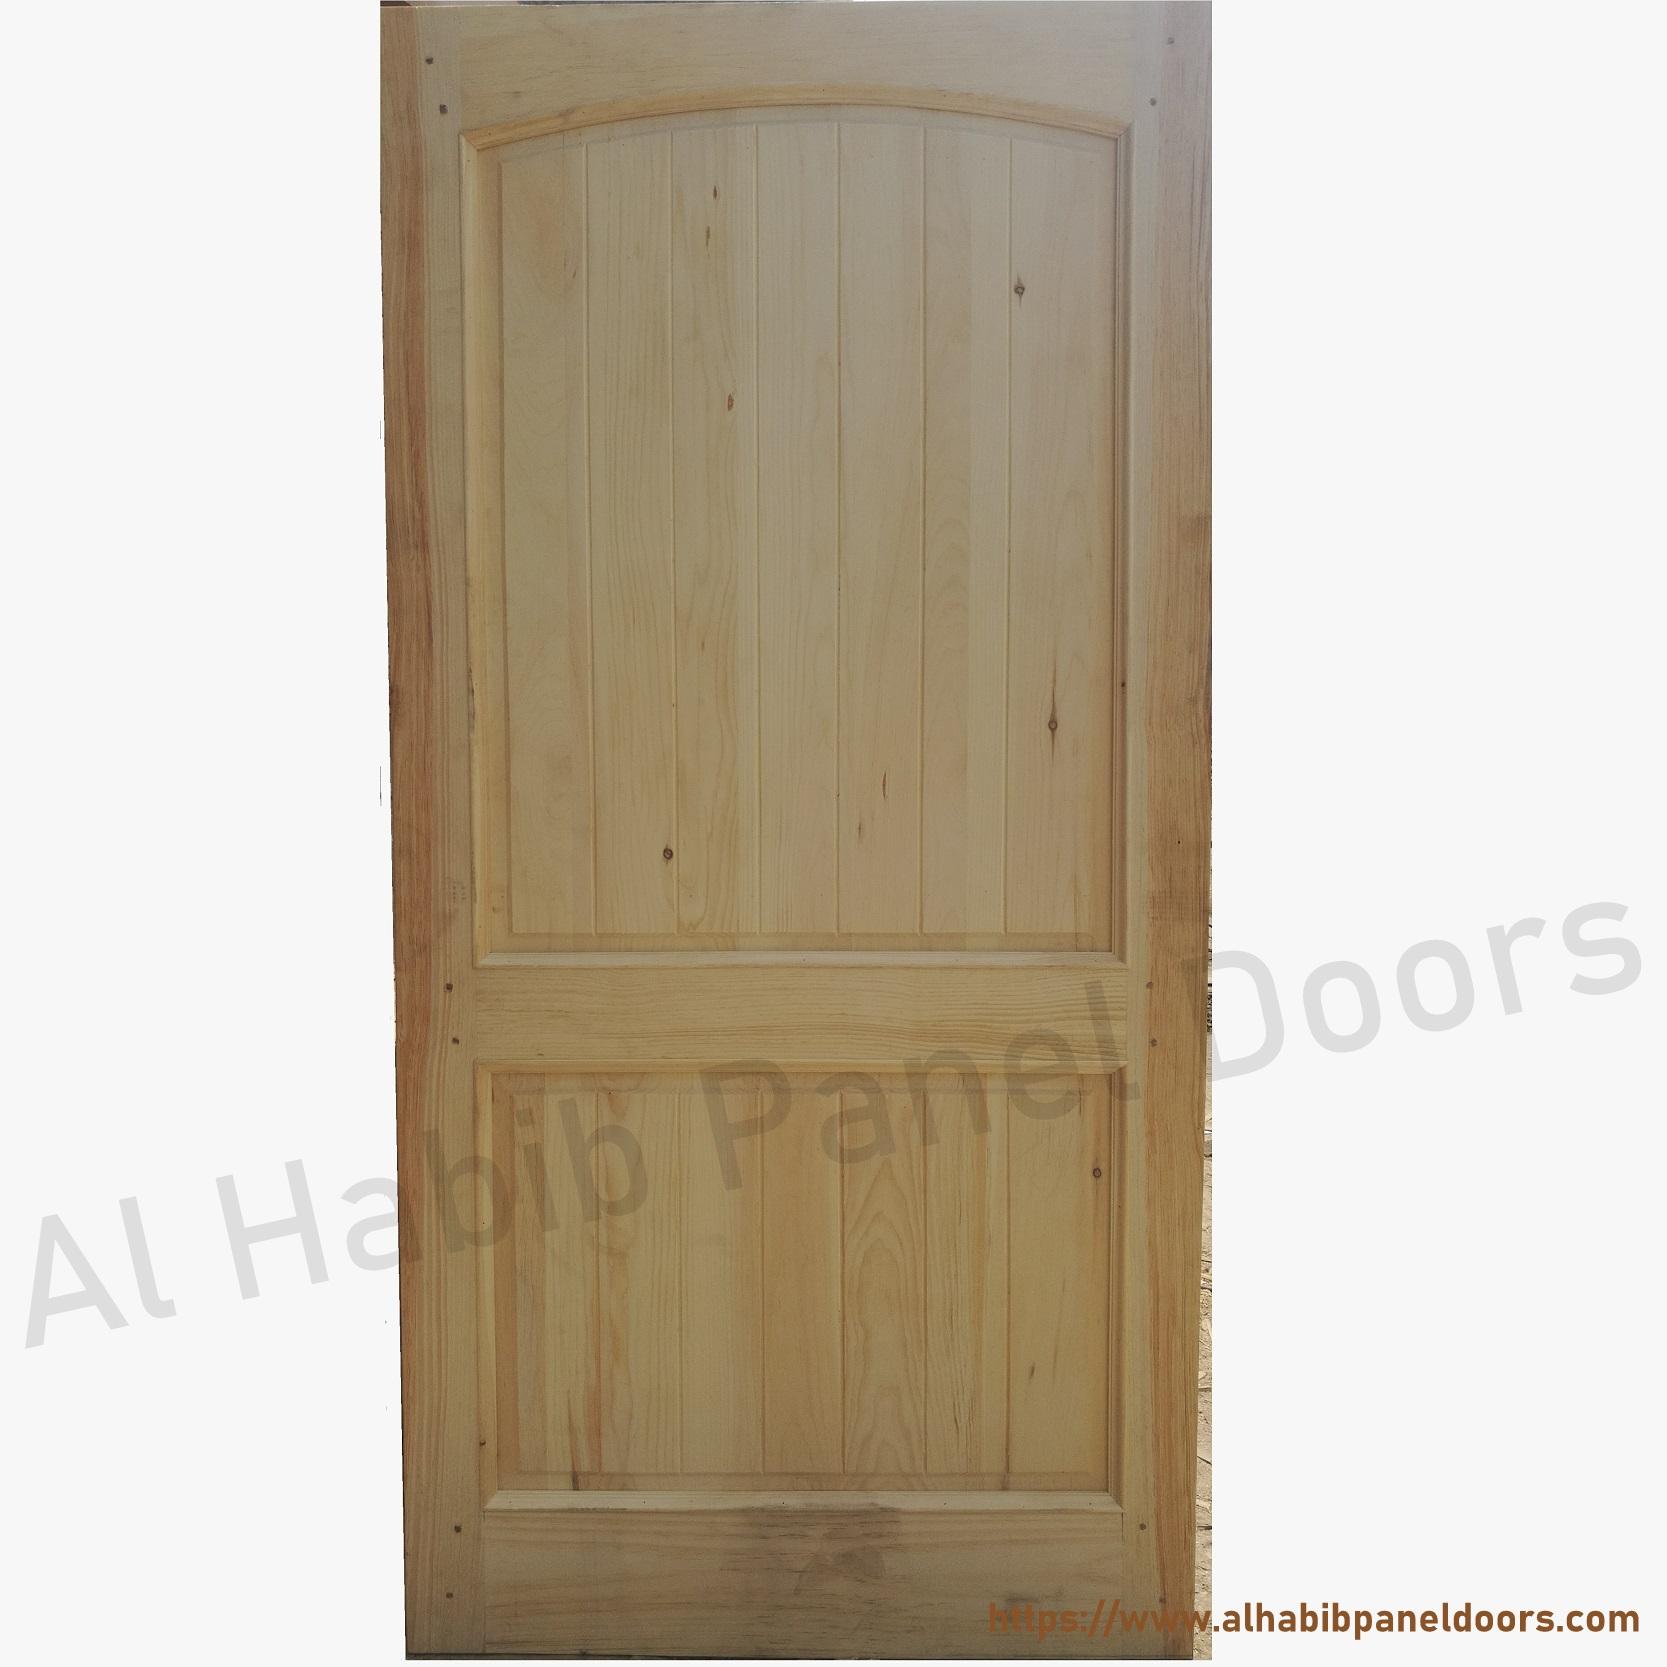 Solid Wood Door Solid Wood Doors Al Habib Panel Doors